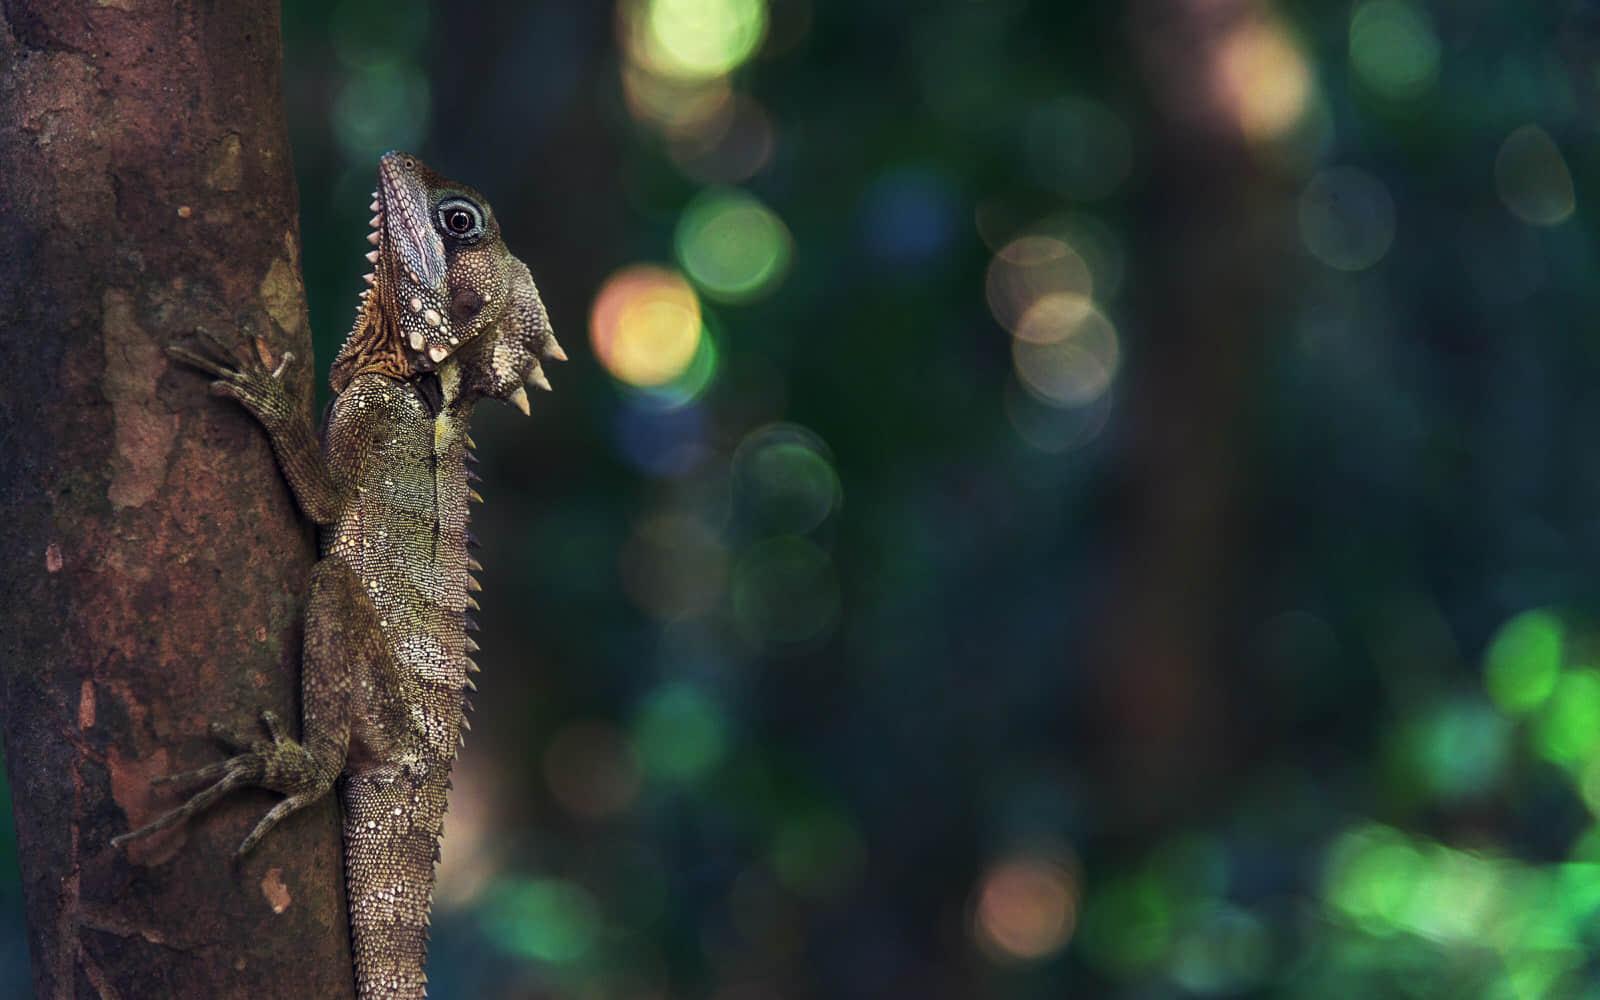 爬在树上的蜥蜴高清壁纸